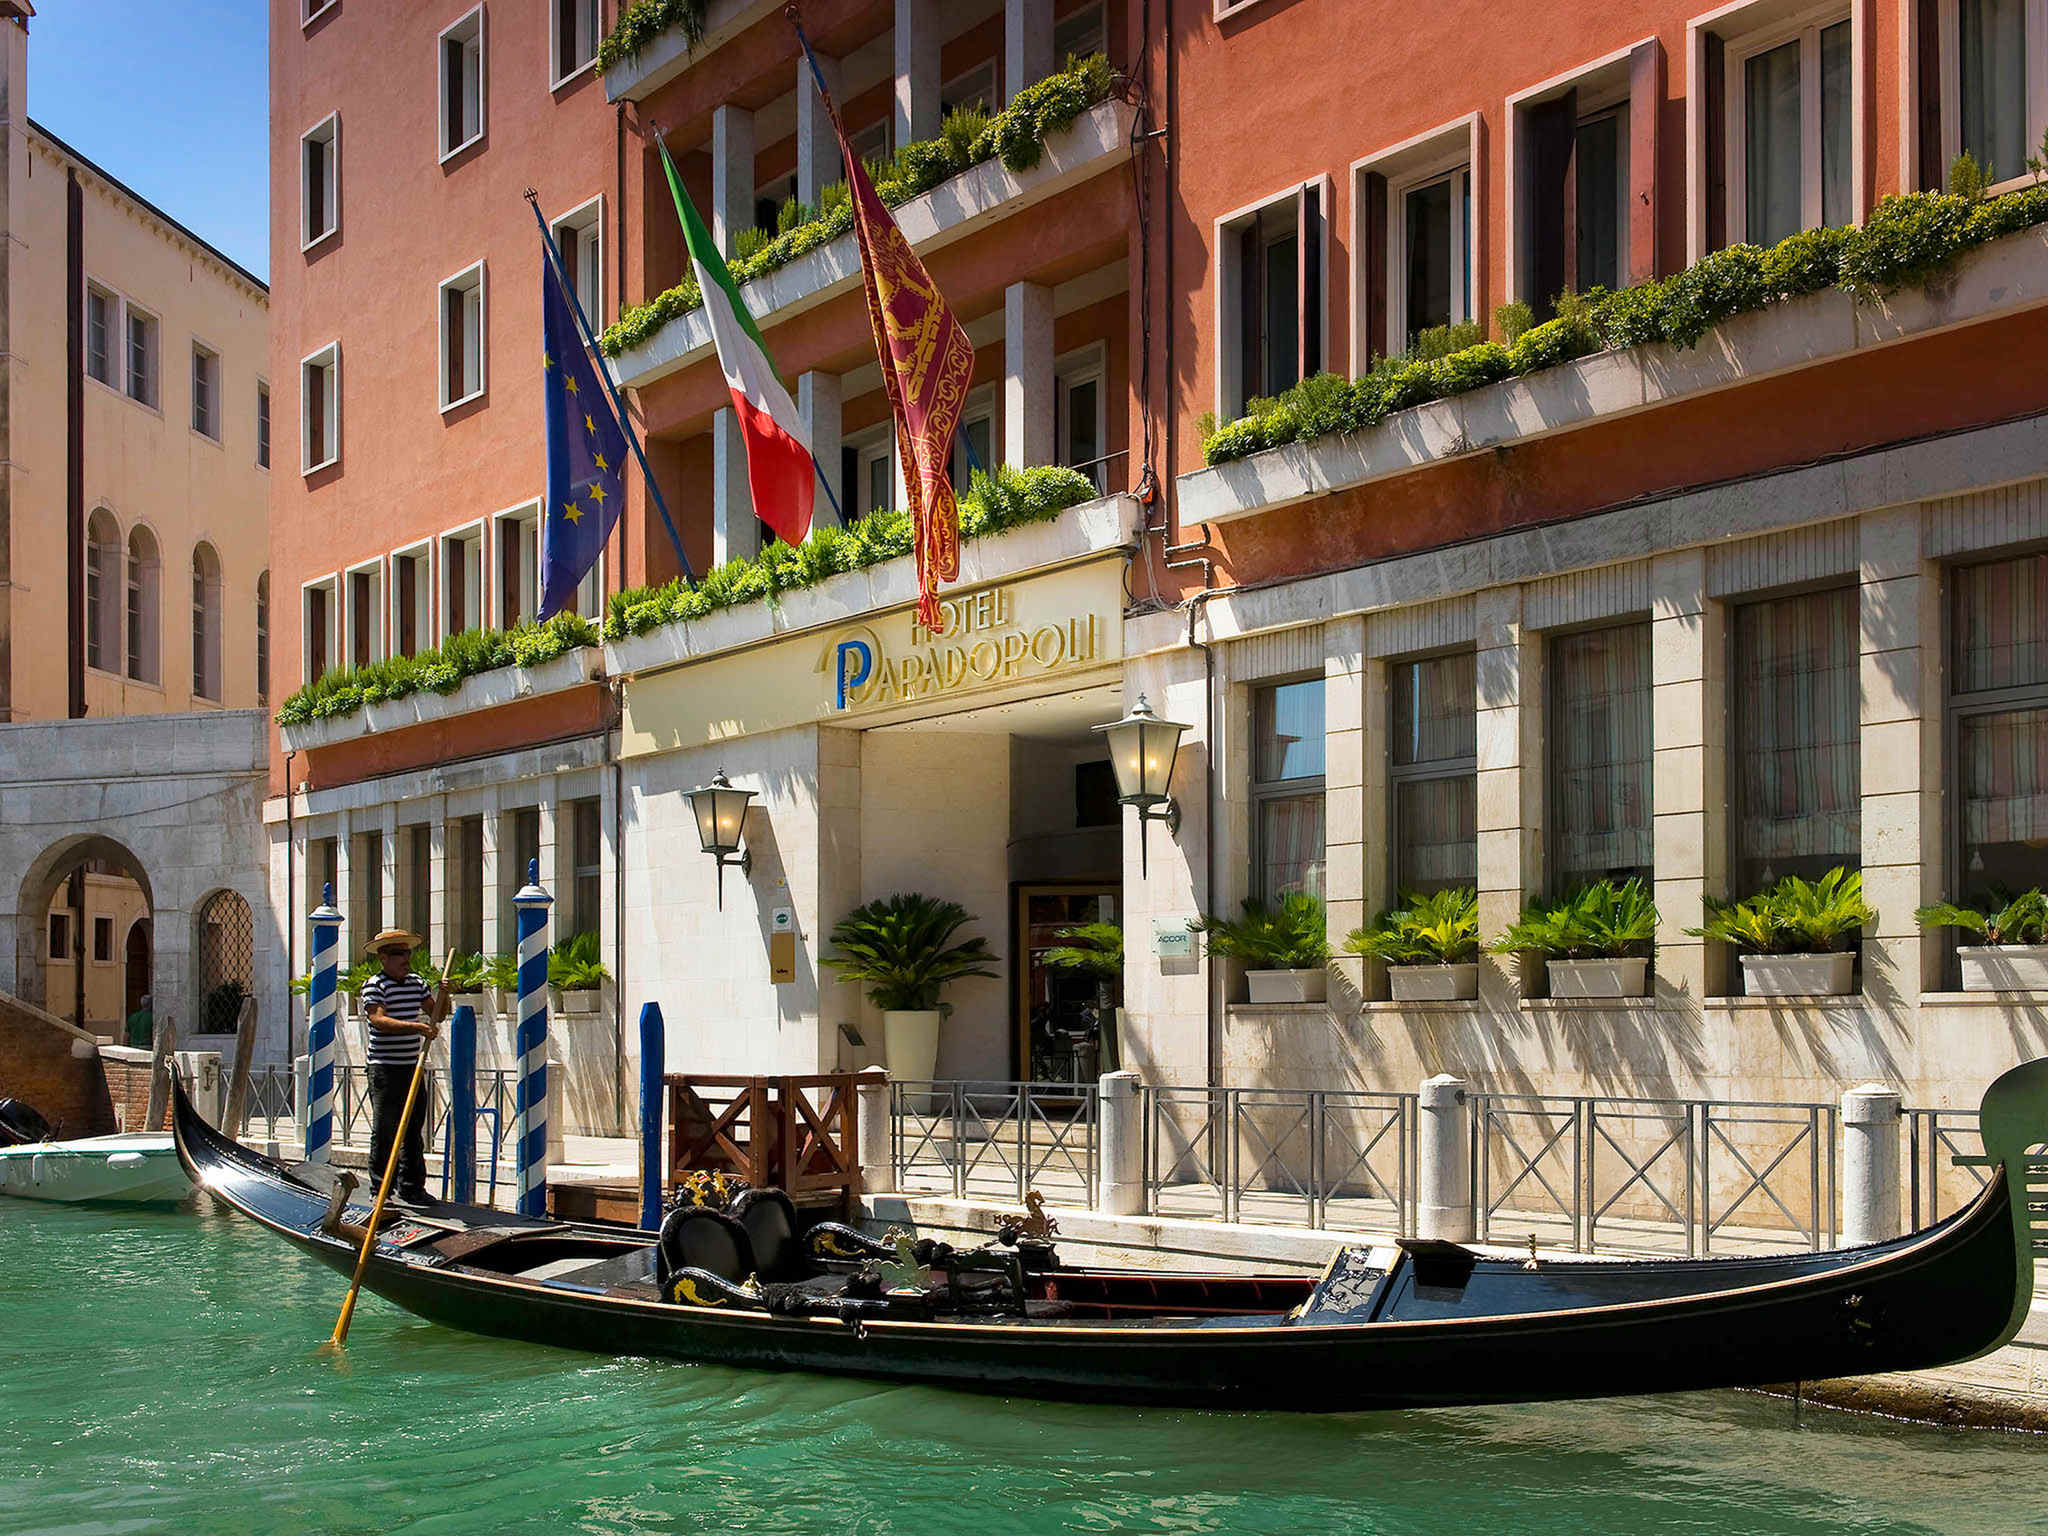 โรงแรม – Hotel Papadopoli Venezia - MGallery by Sofitel